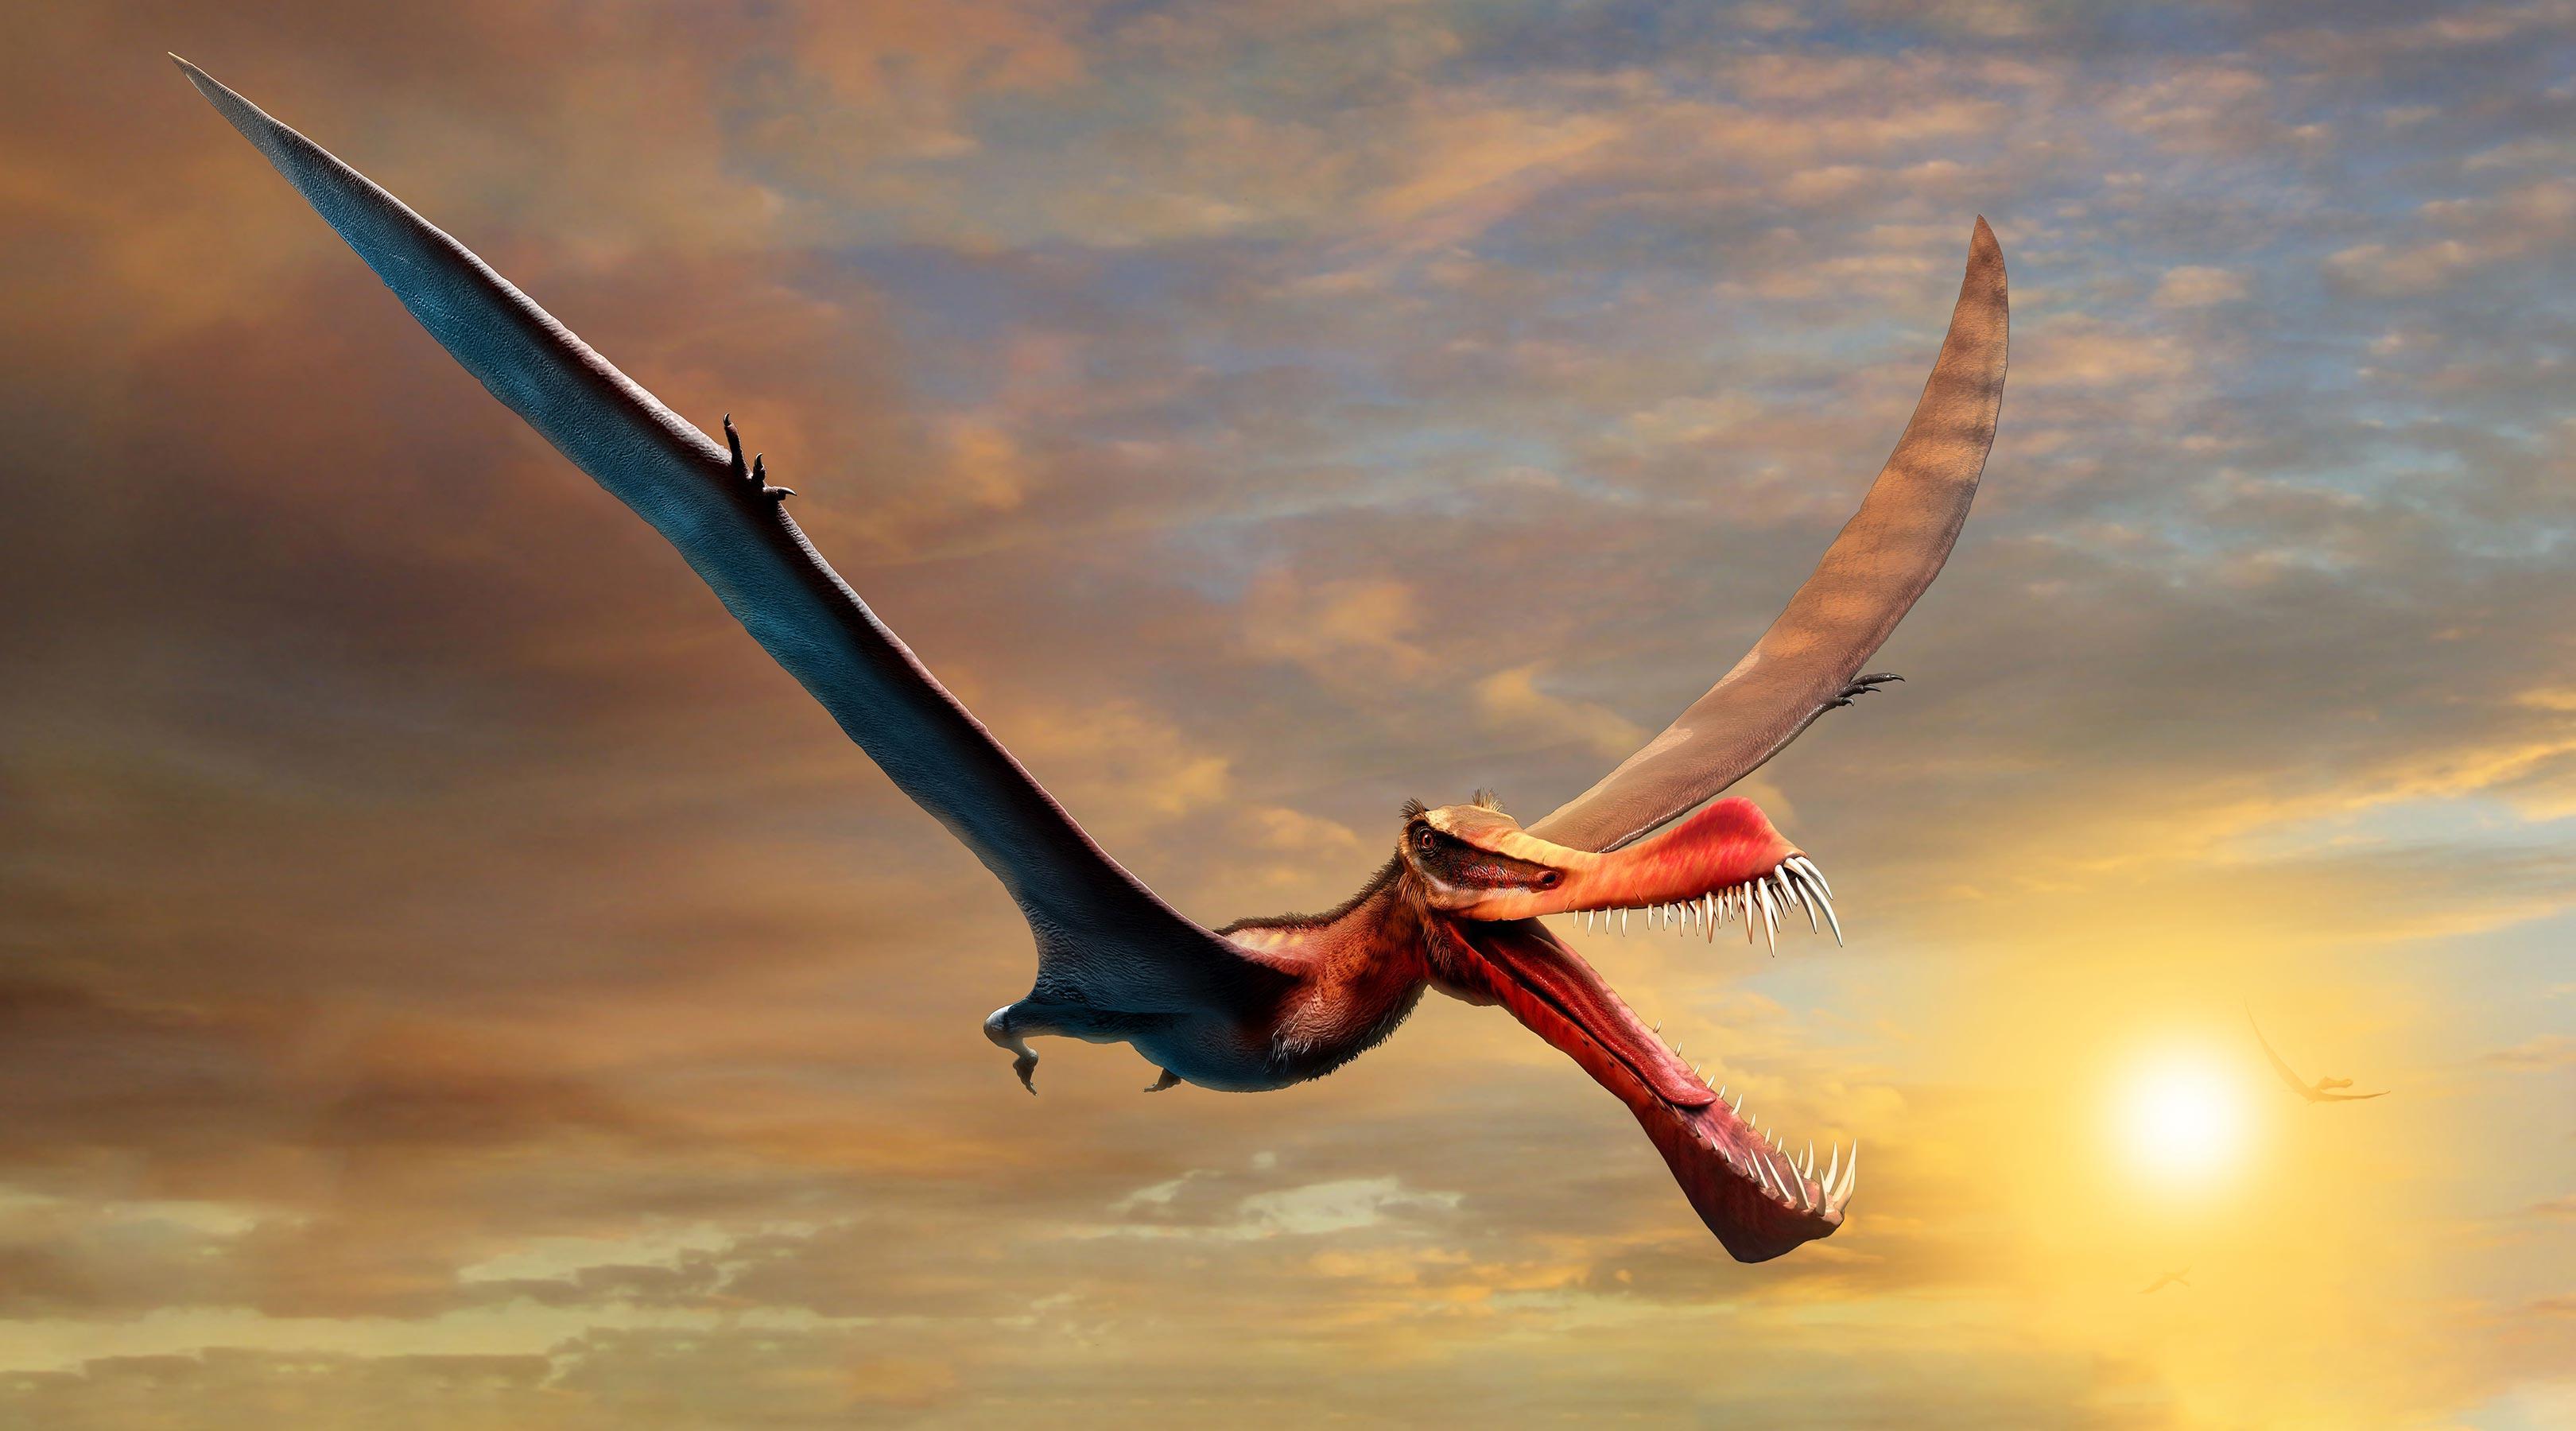 Ученые обнаружили останки одного из самых крупных птерозавров